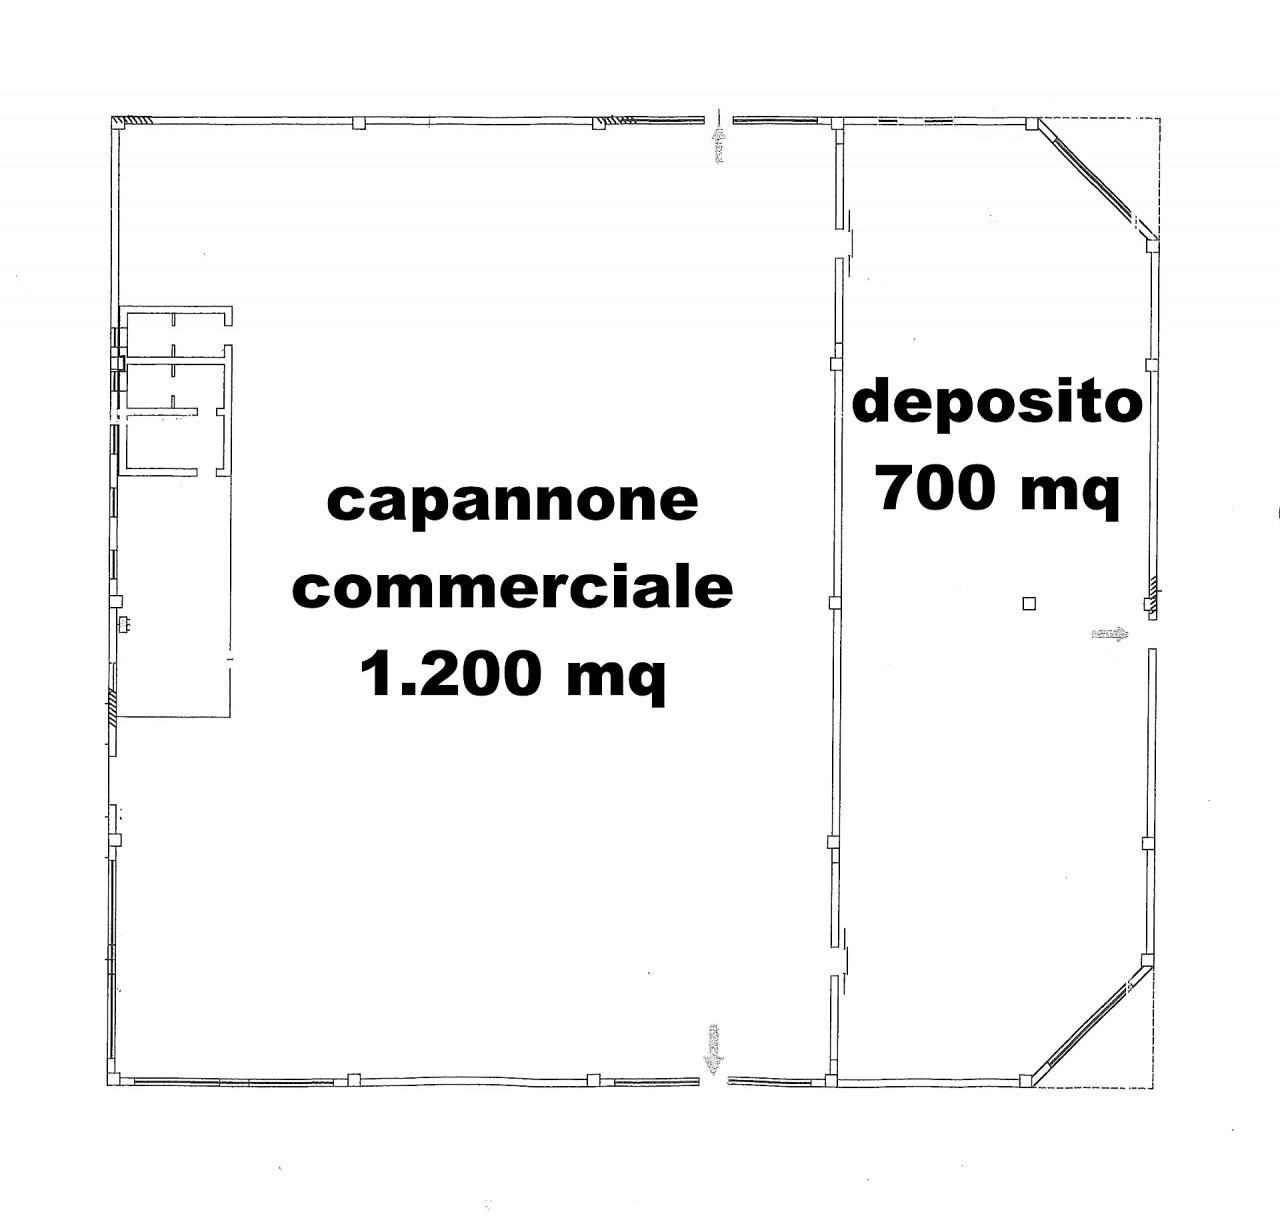 GAMBETTOLA - CAPANNONE COMMERCIALE INDIPENDENTE DI 1.700 MQ SU LOTTO DI 3.900 MQ